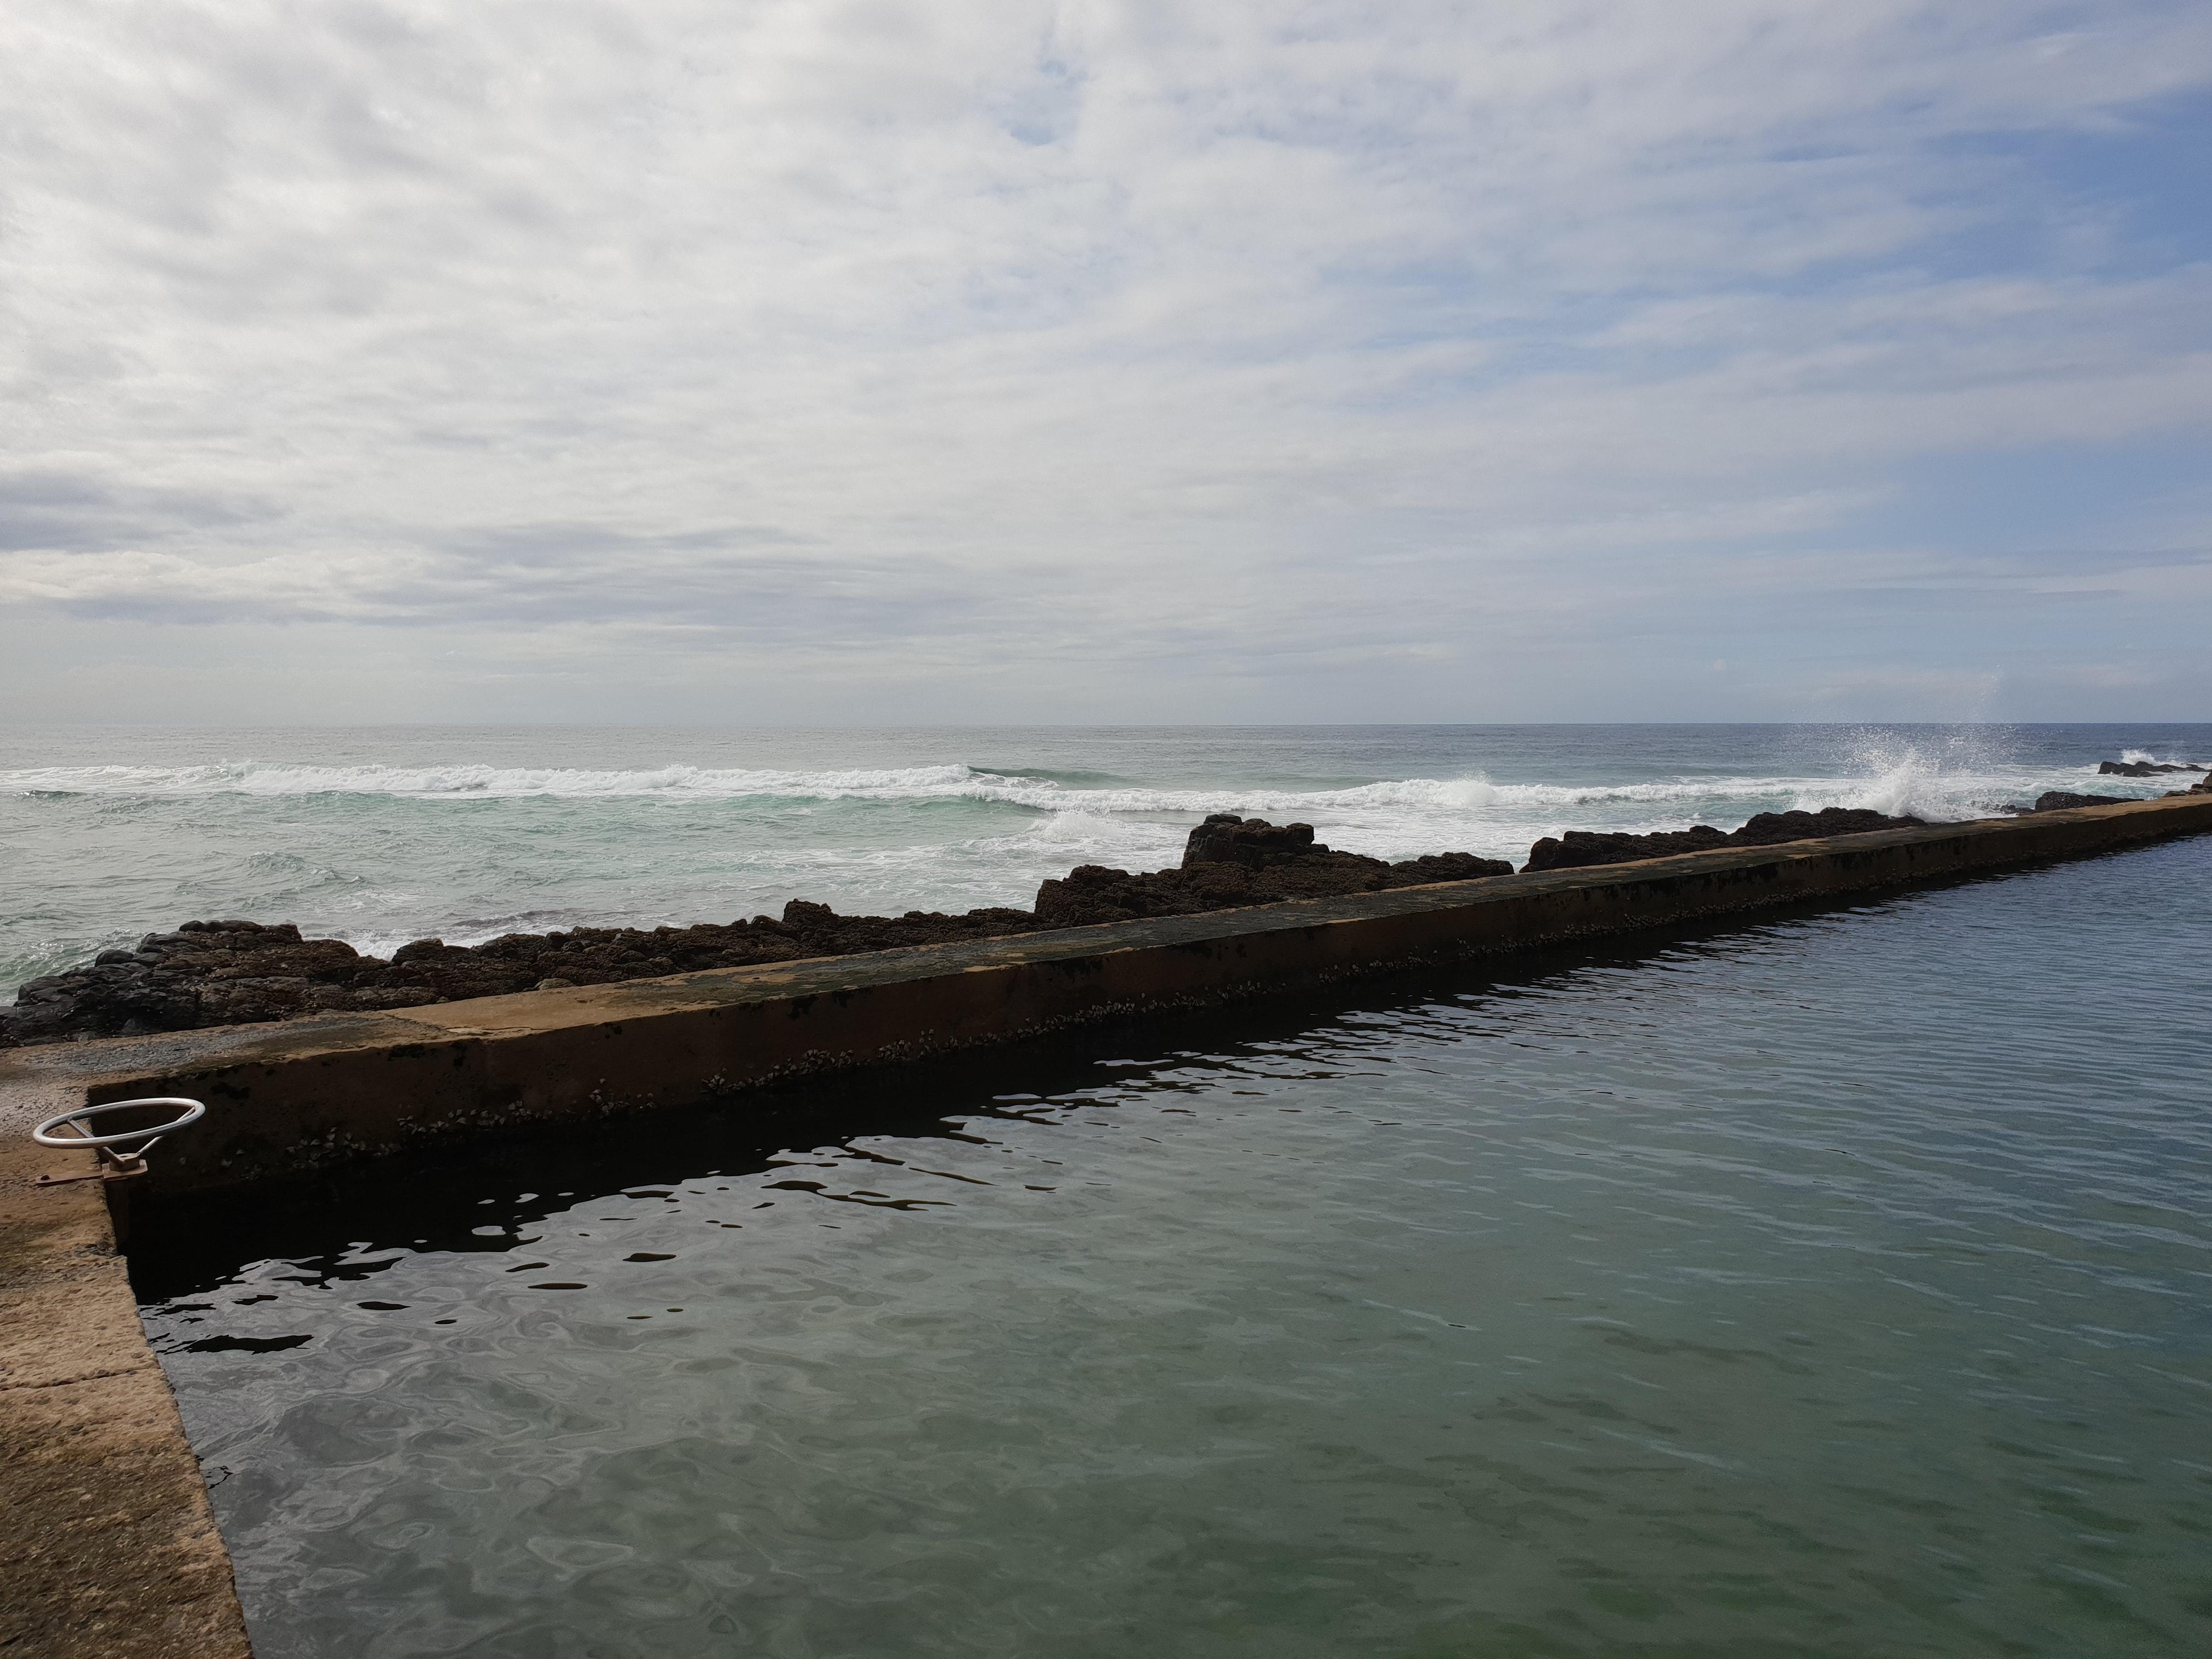 Waves crashing on the bay area photo